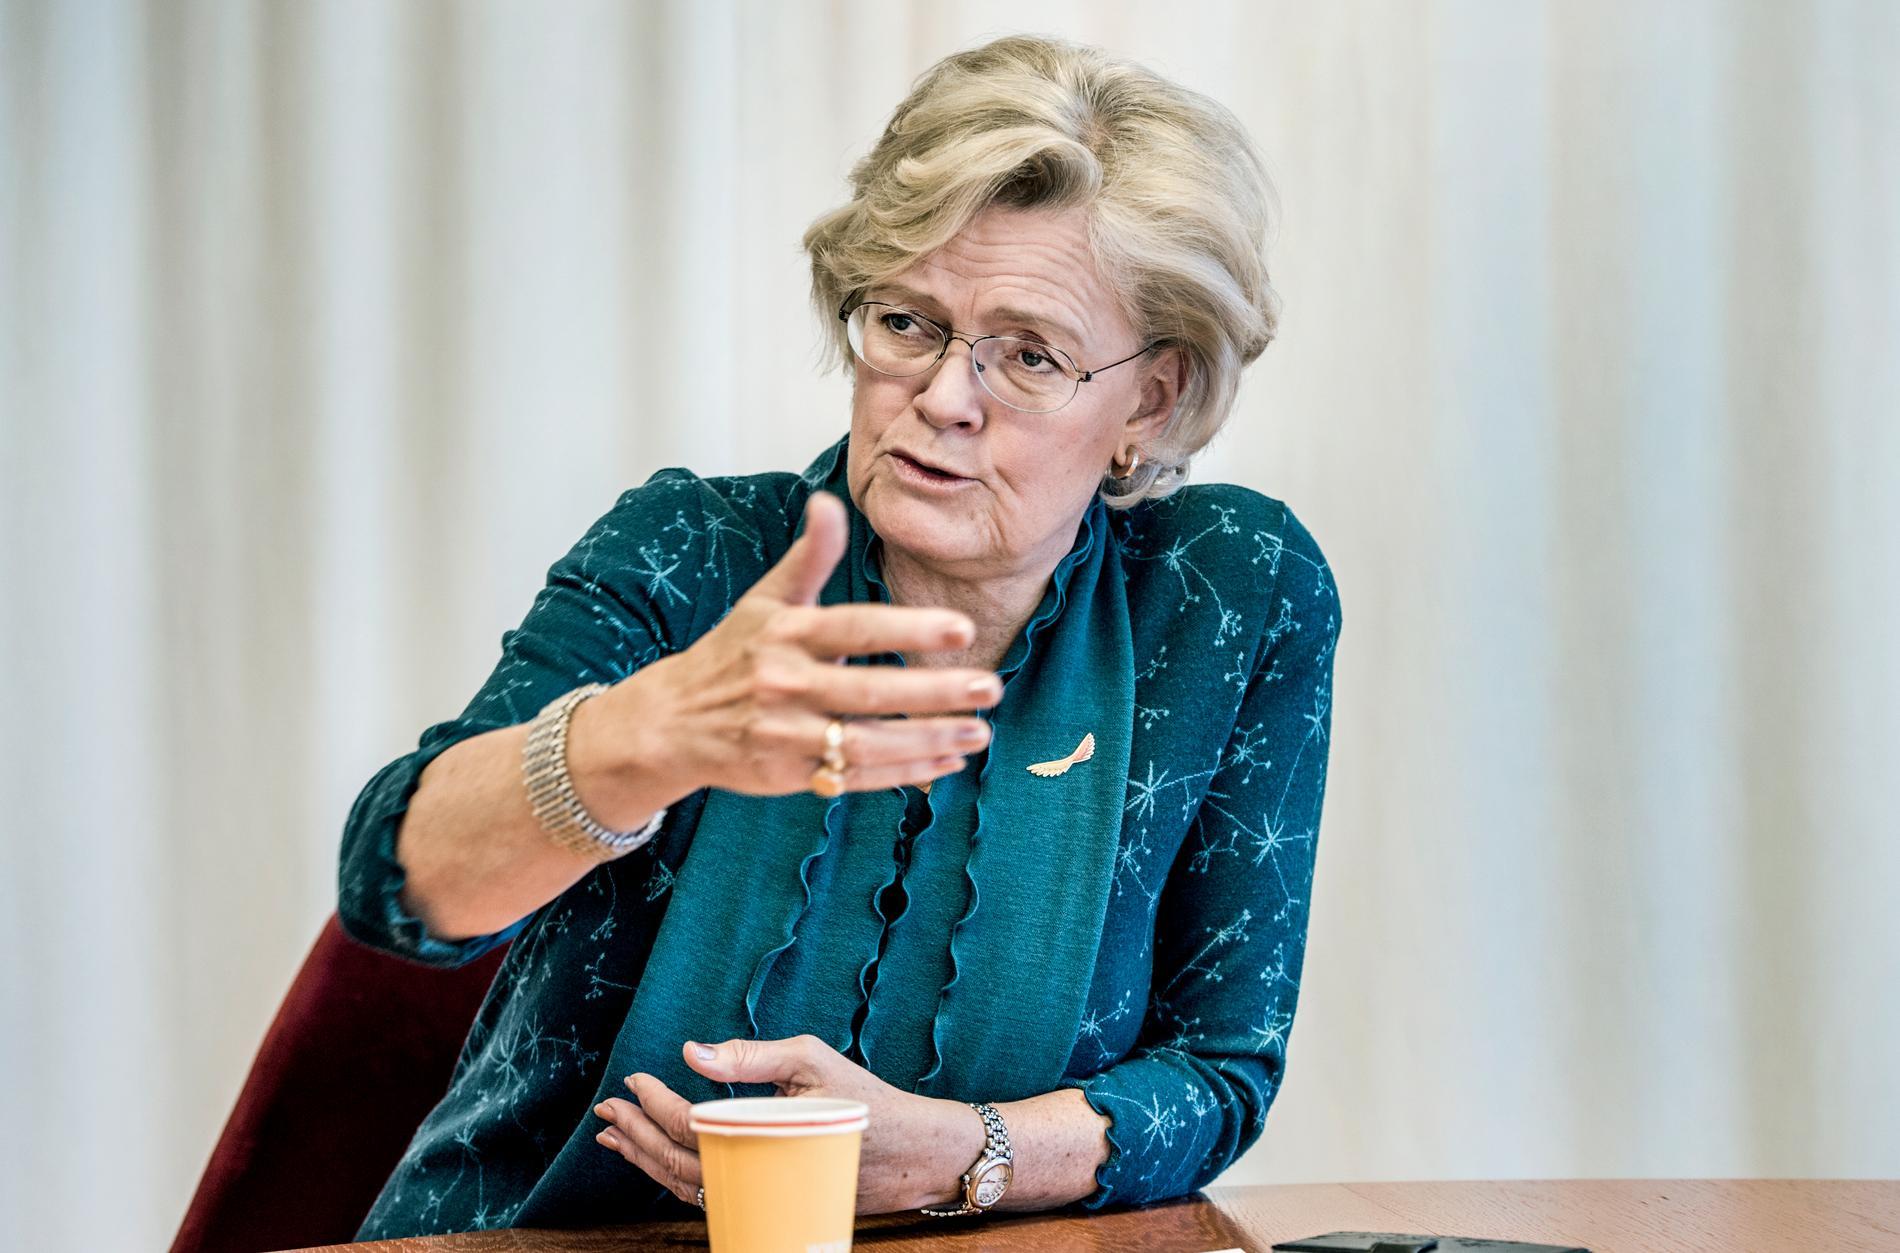 Svenskt Näringslivs Carola Lemne yrar om las